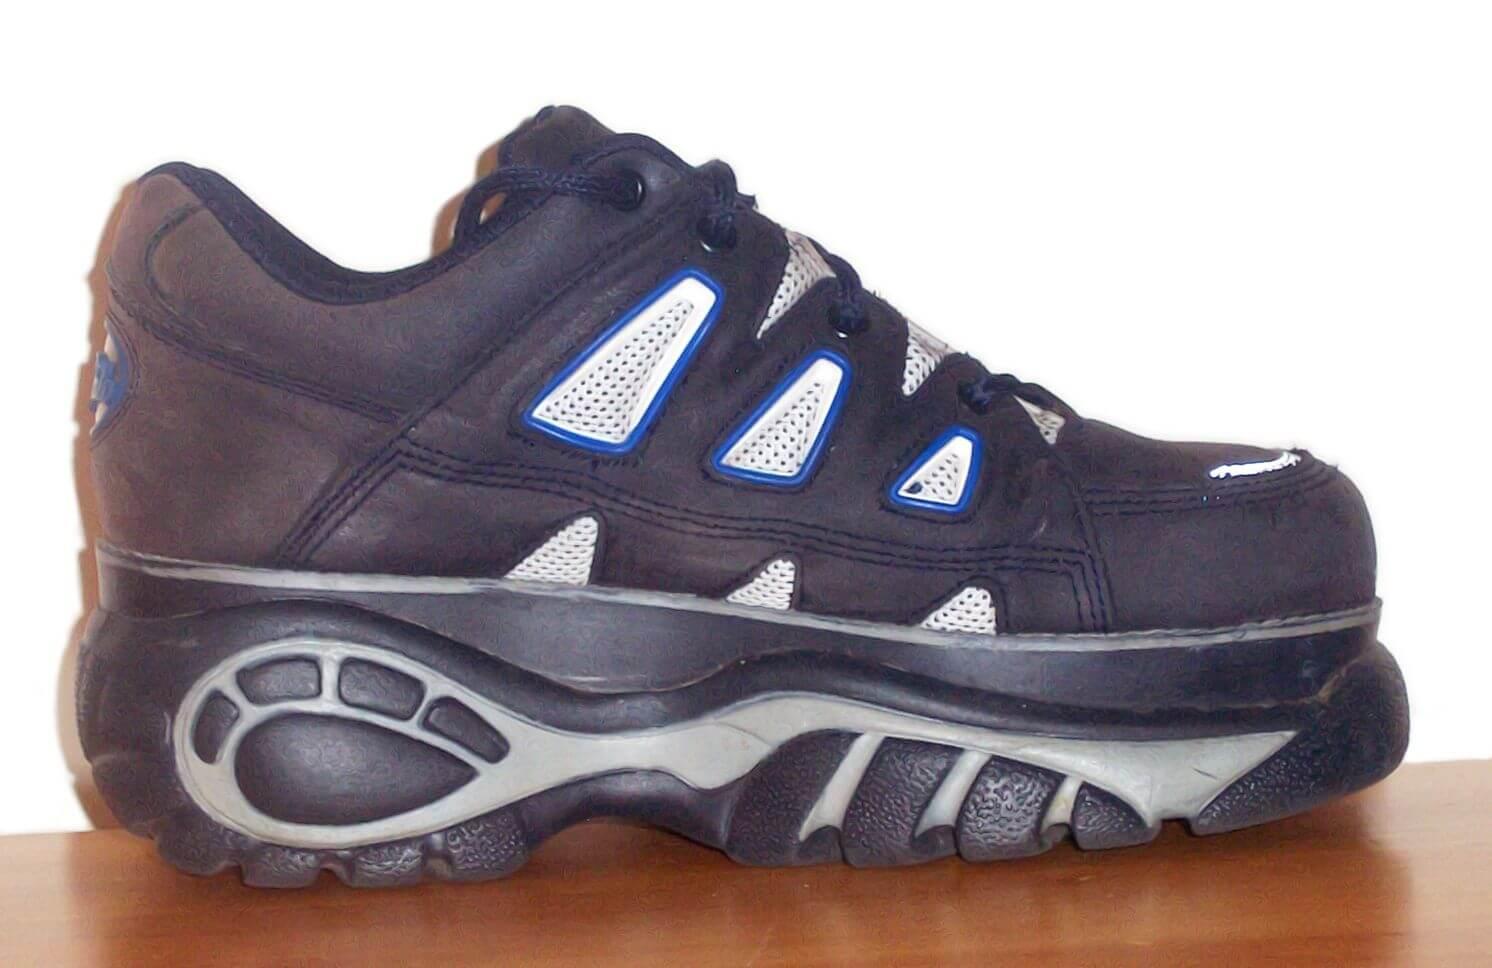 291b1ad55e76 Buffalo Schuhe - DER Renner in den 90er Jahren   Retrosaloon.de